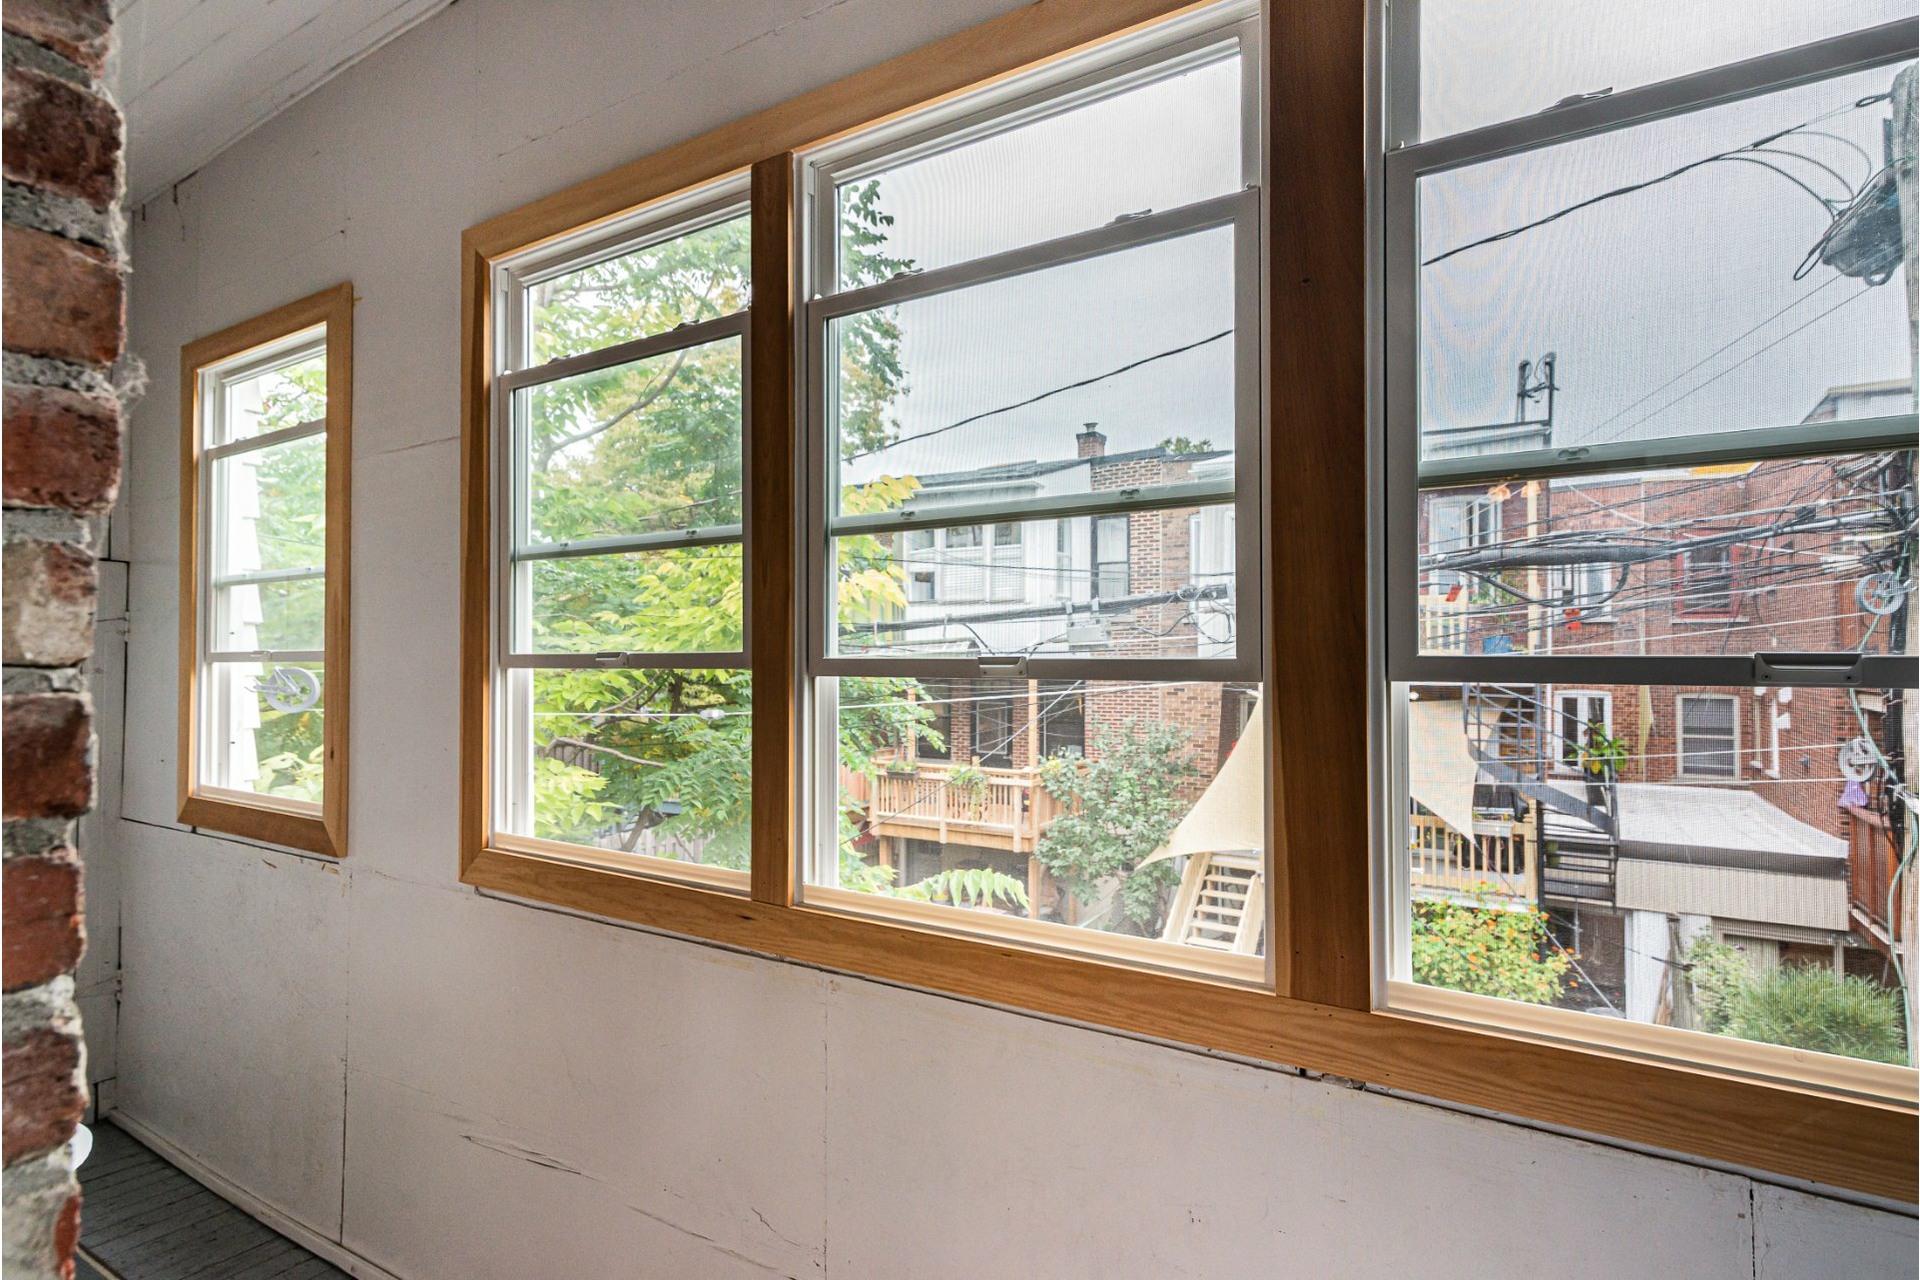 image 46 - Duplex À vendre Côte-des-Neiges/Notre-Dame-de-Grâce Montréal  - 5 pièces